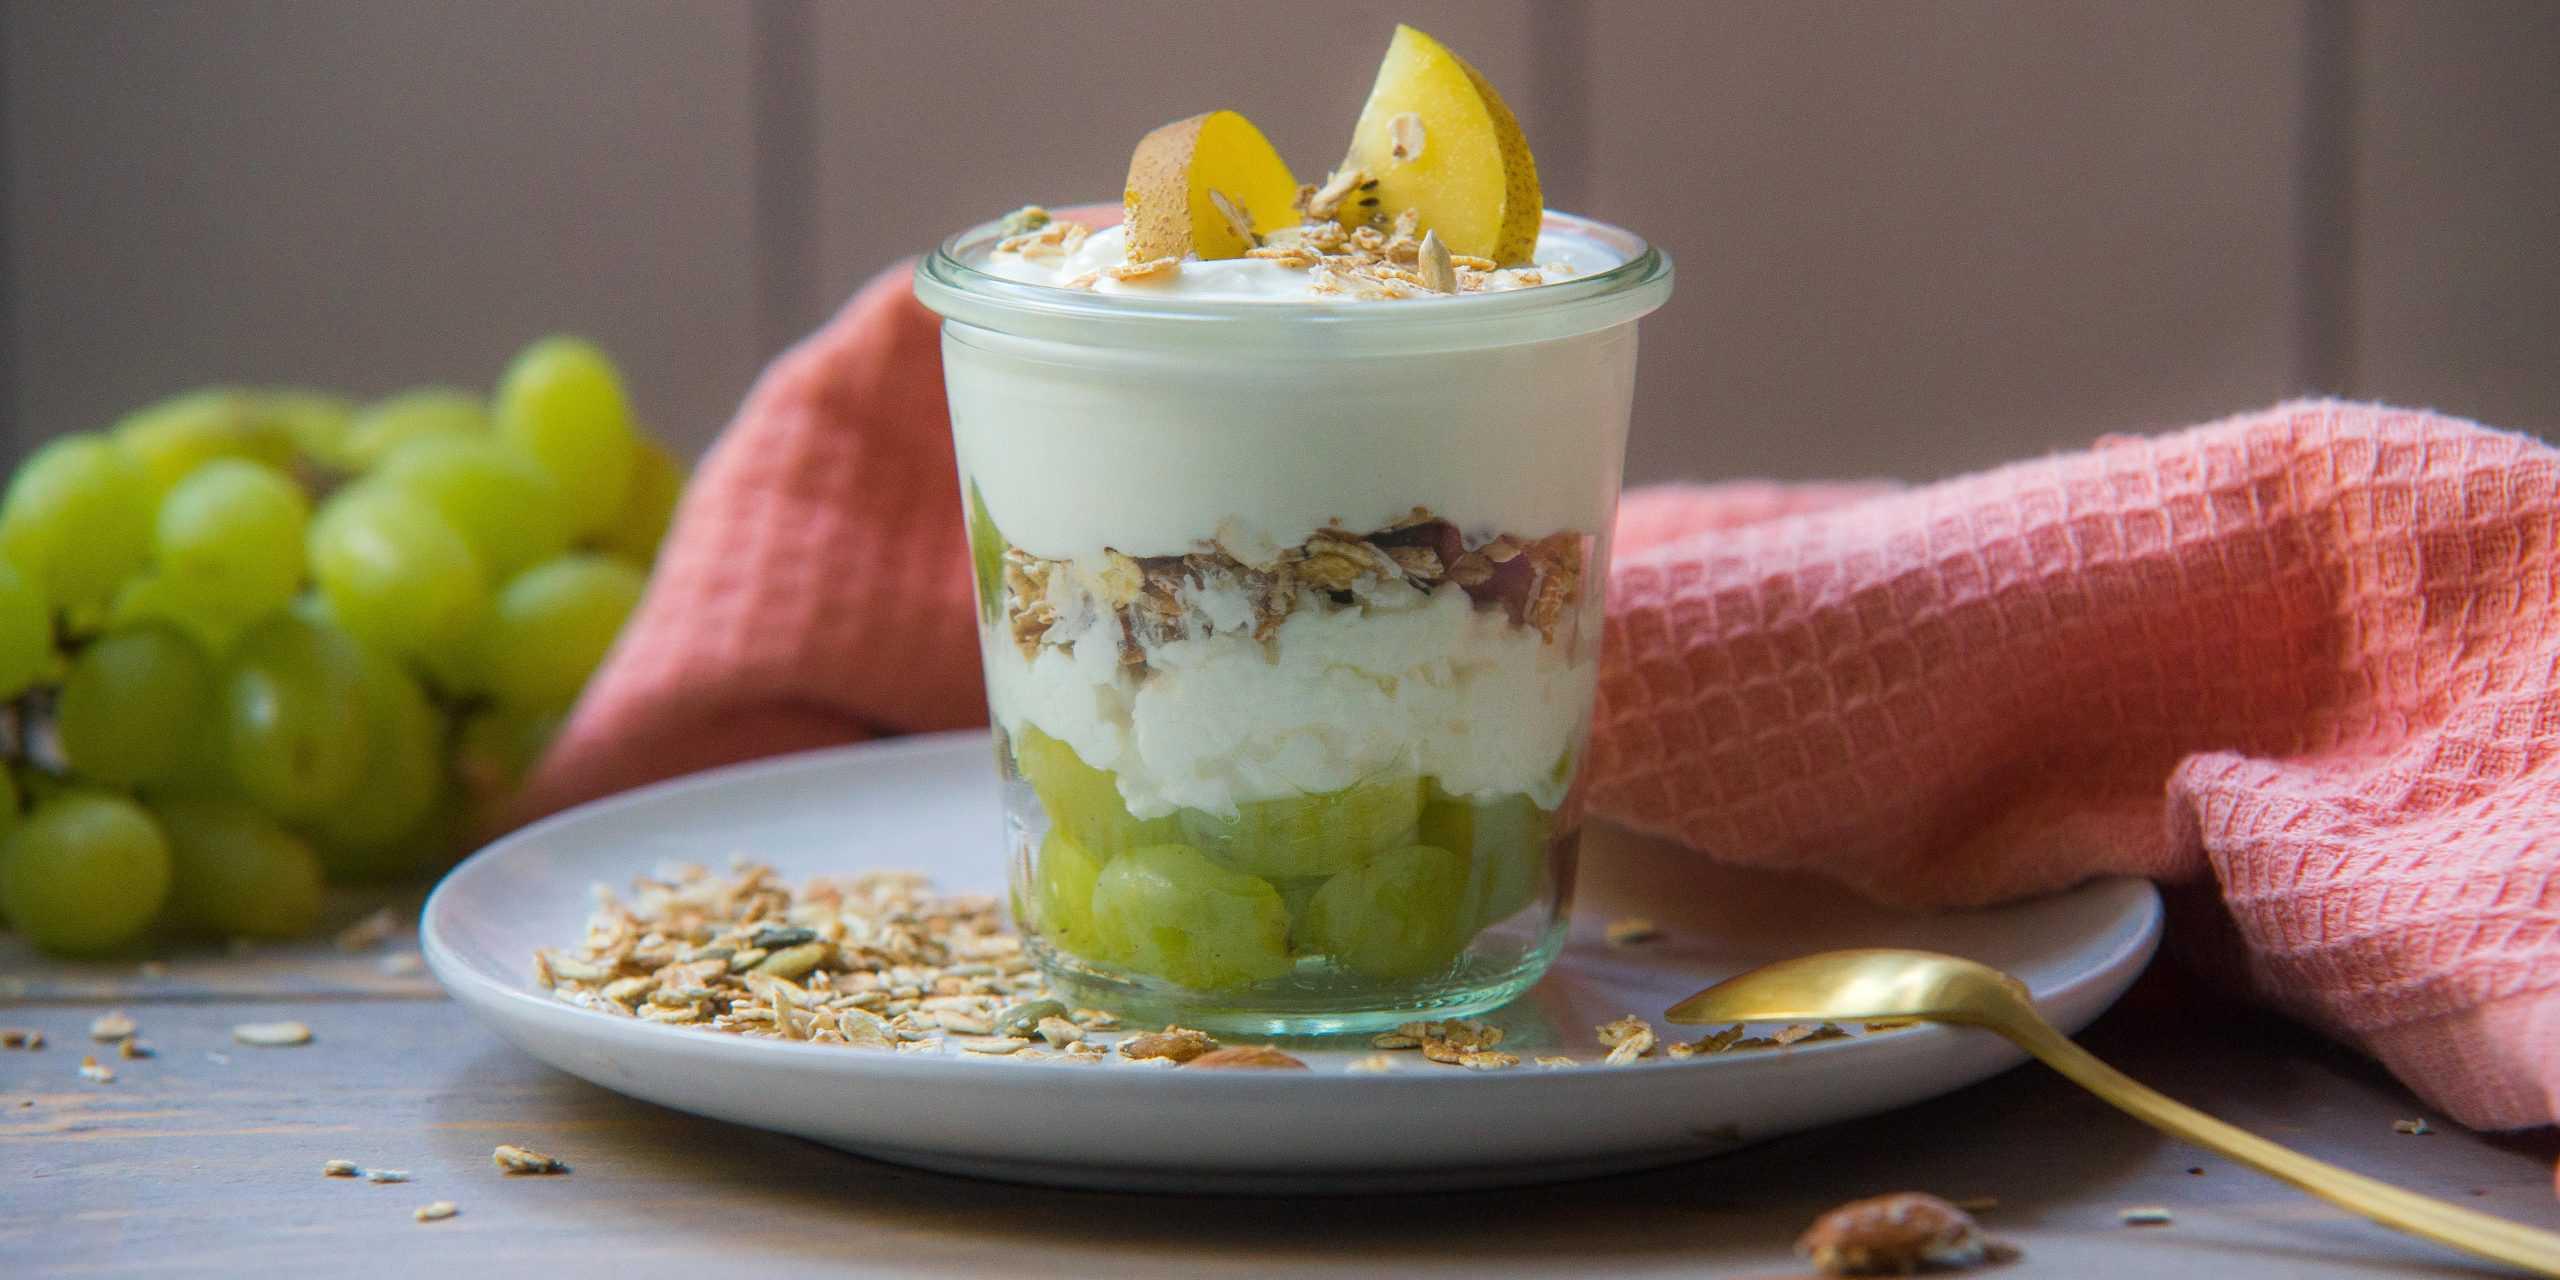 Hüttenkäse ontbijt bowl met kiwi, ontbijt, Hüttenkäse, kiwi